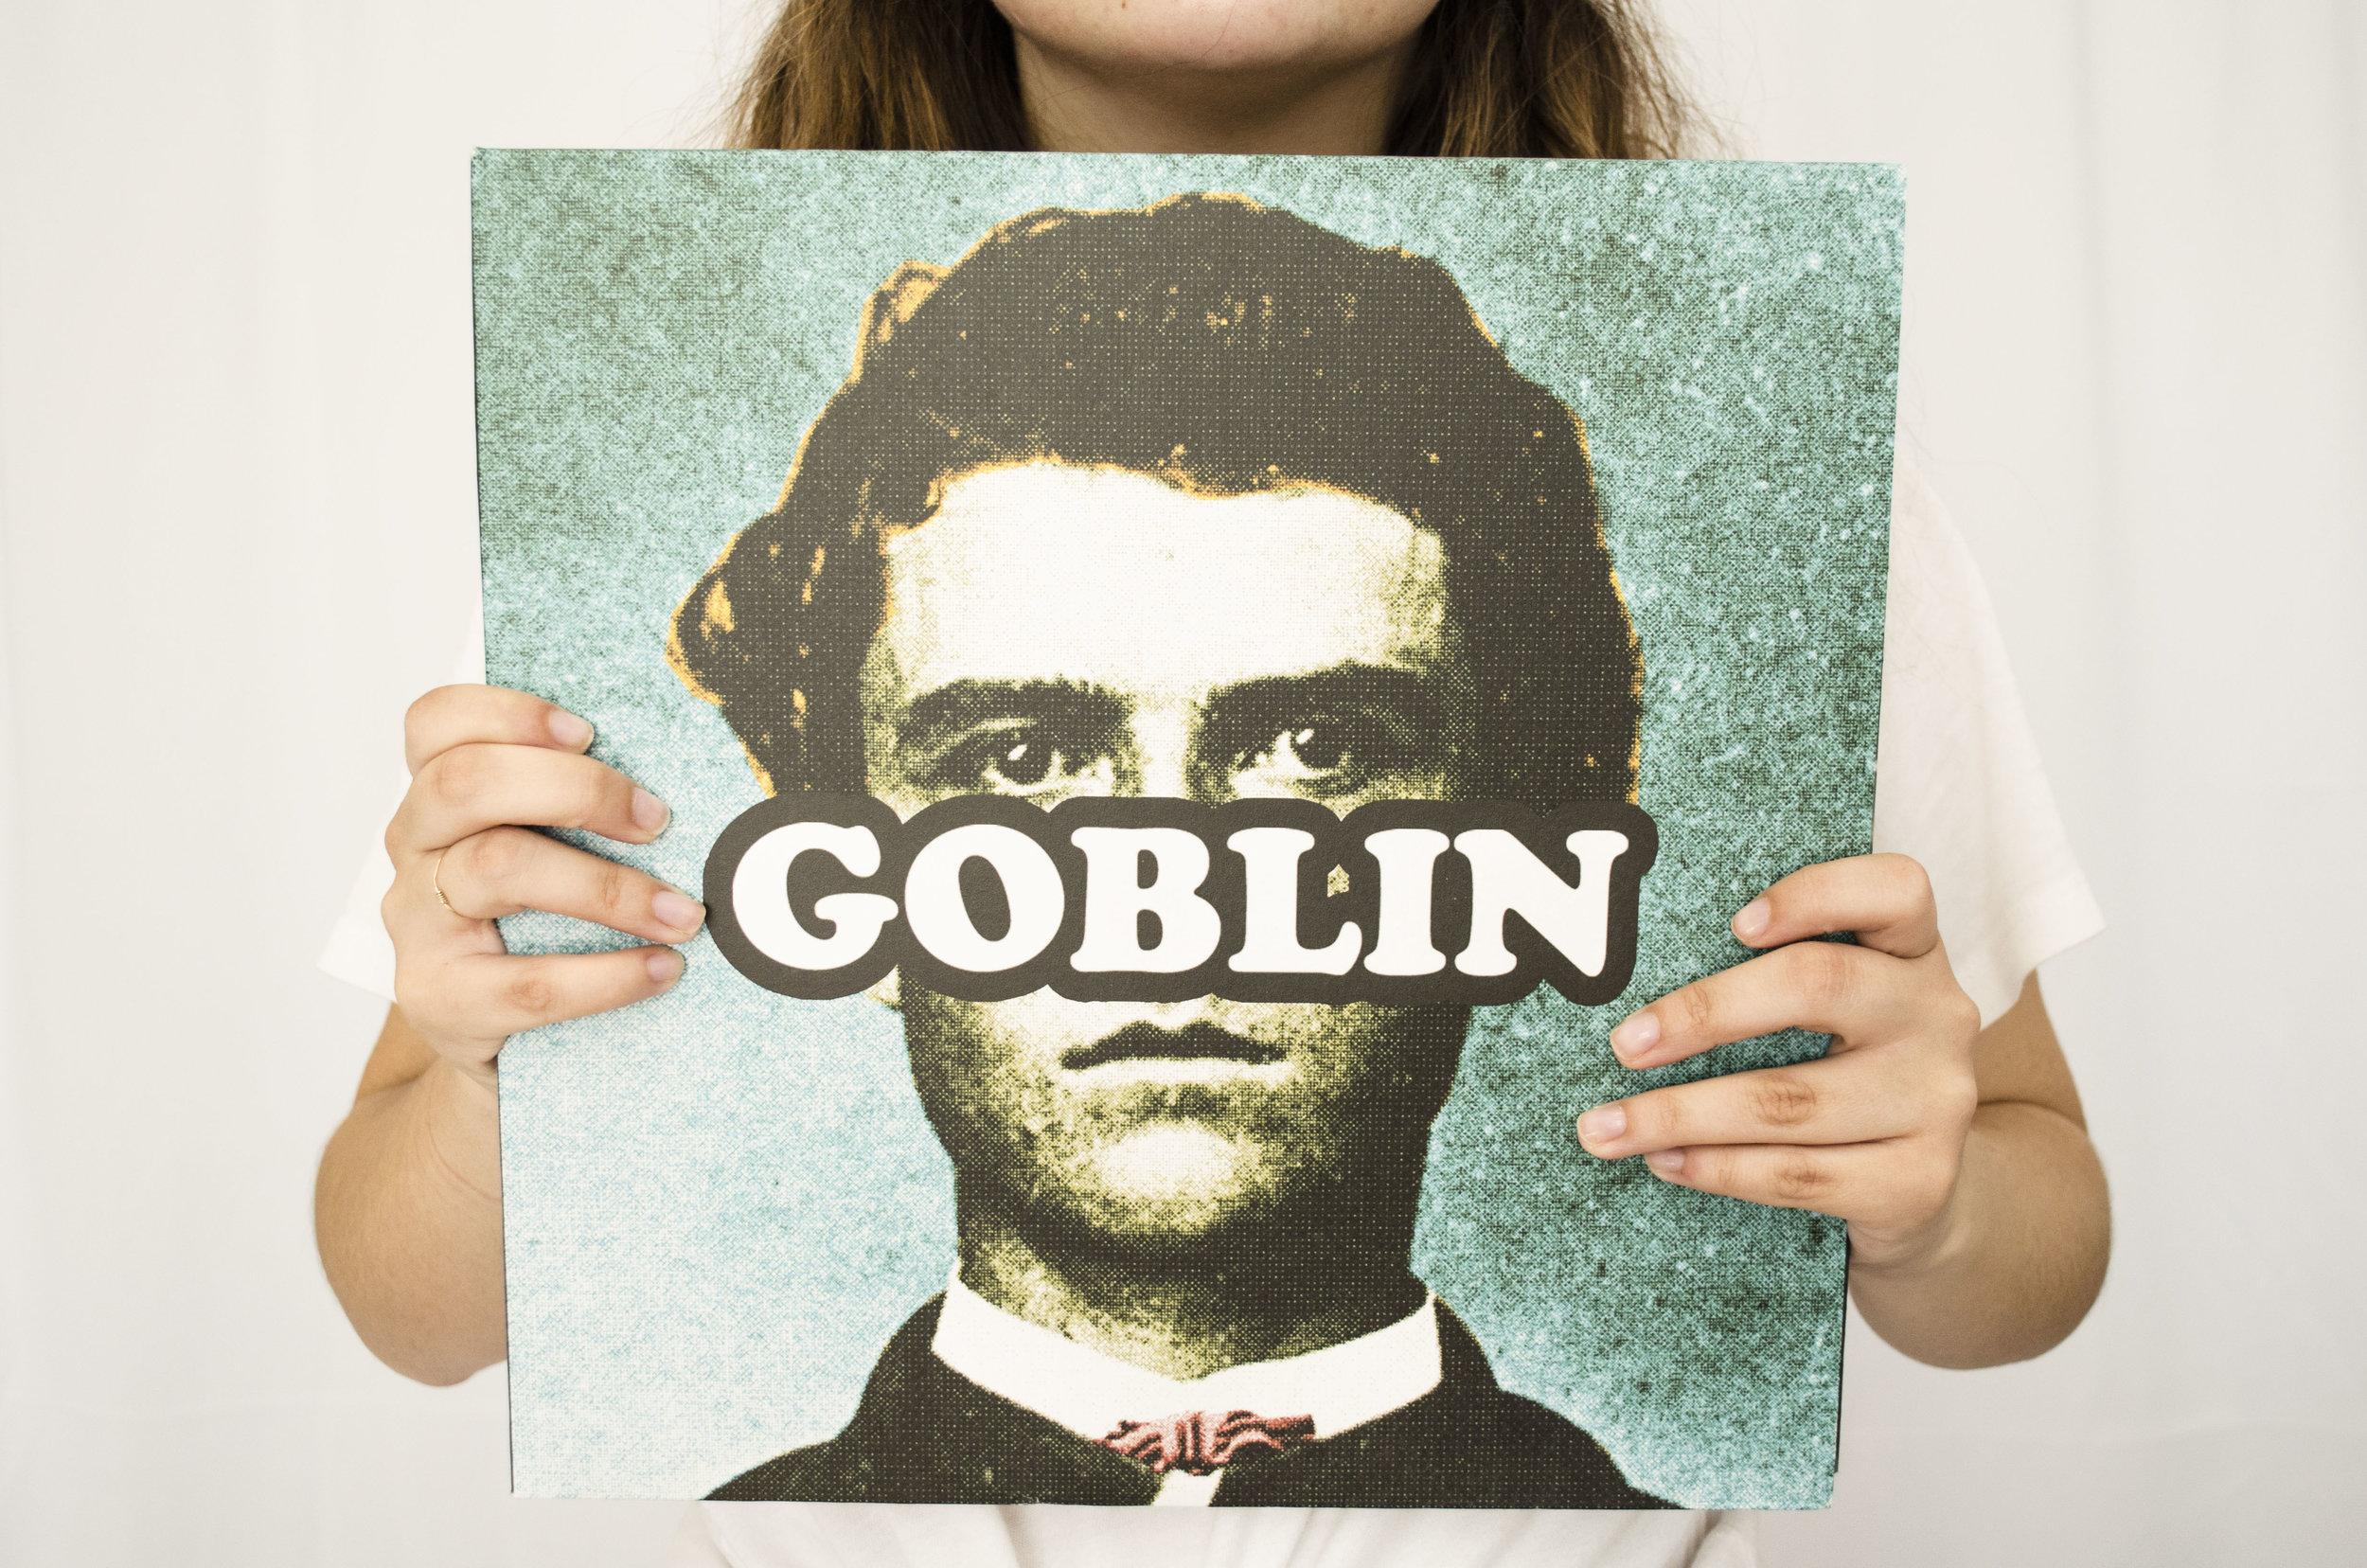 Goblin  - by Tyler The Creator